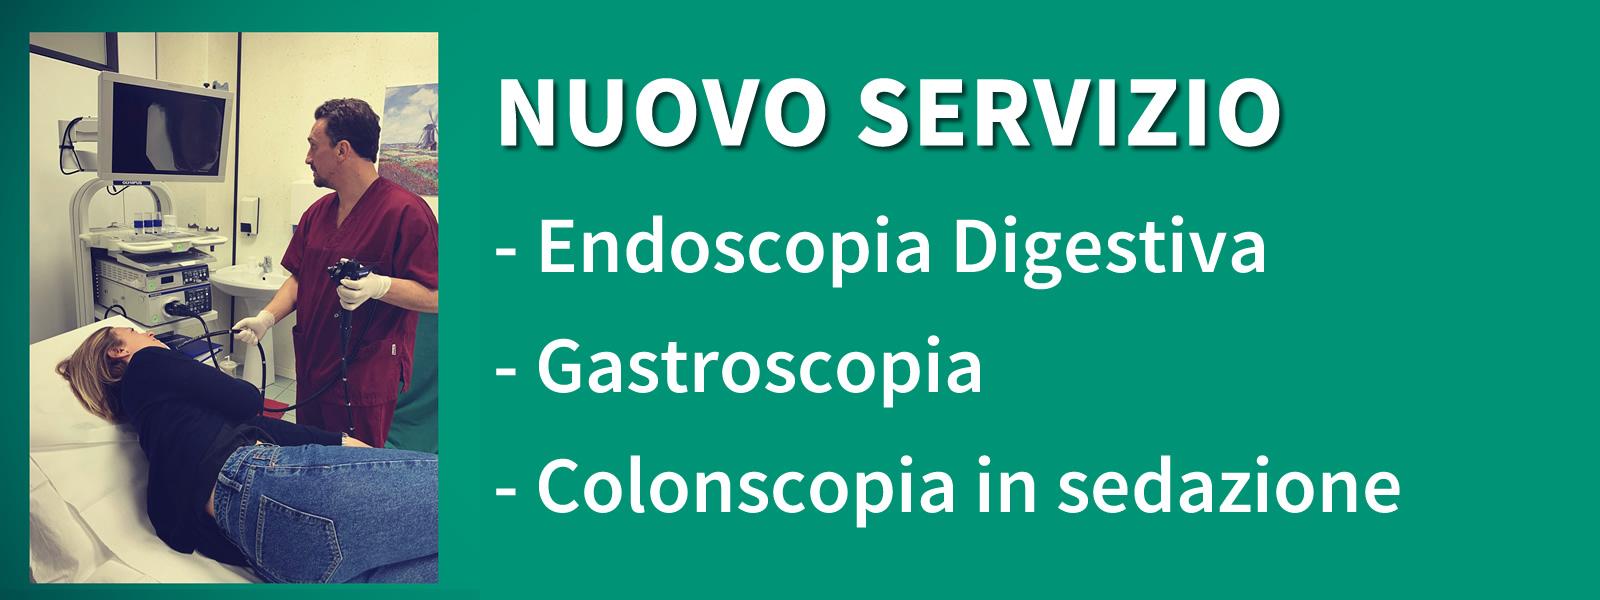 Endoscopia e Gastroscopia presso fisiomedical